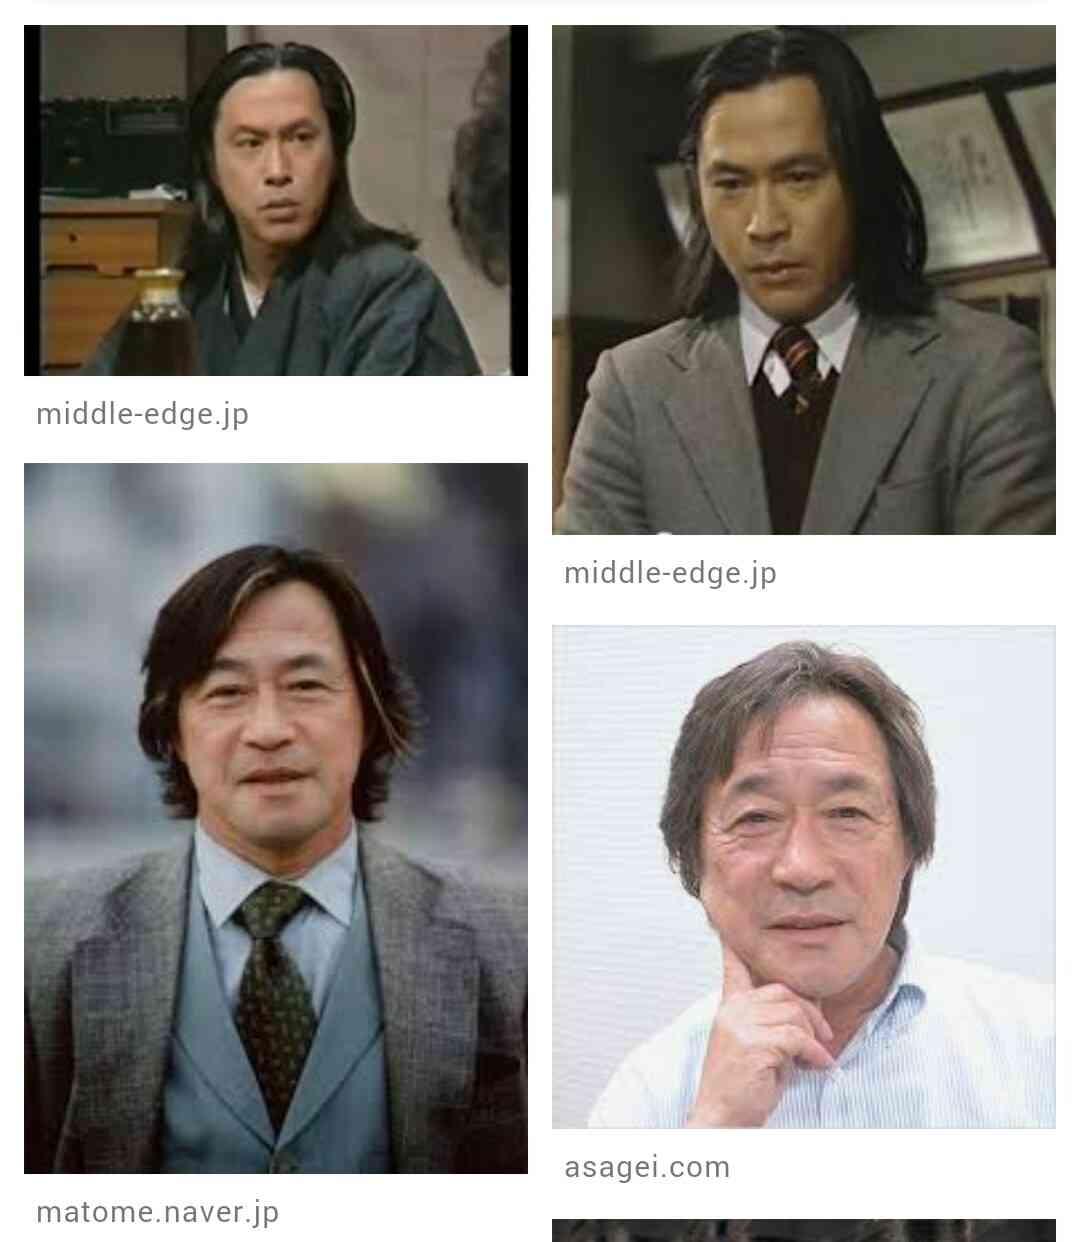 昔から髪型が変わらない芸能人